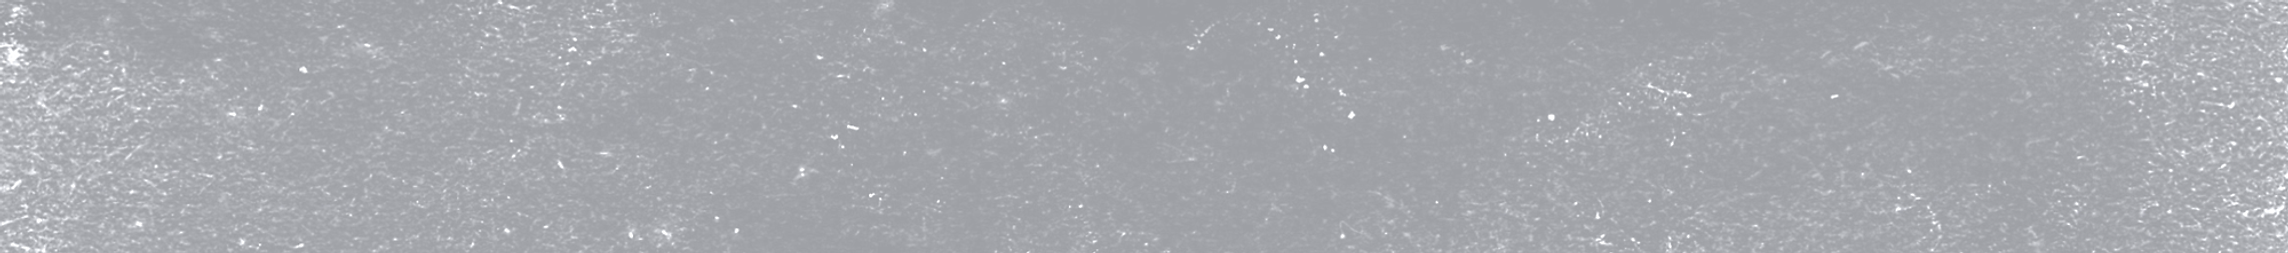 12 - Gray strip.png